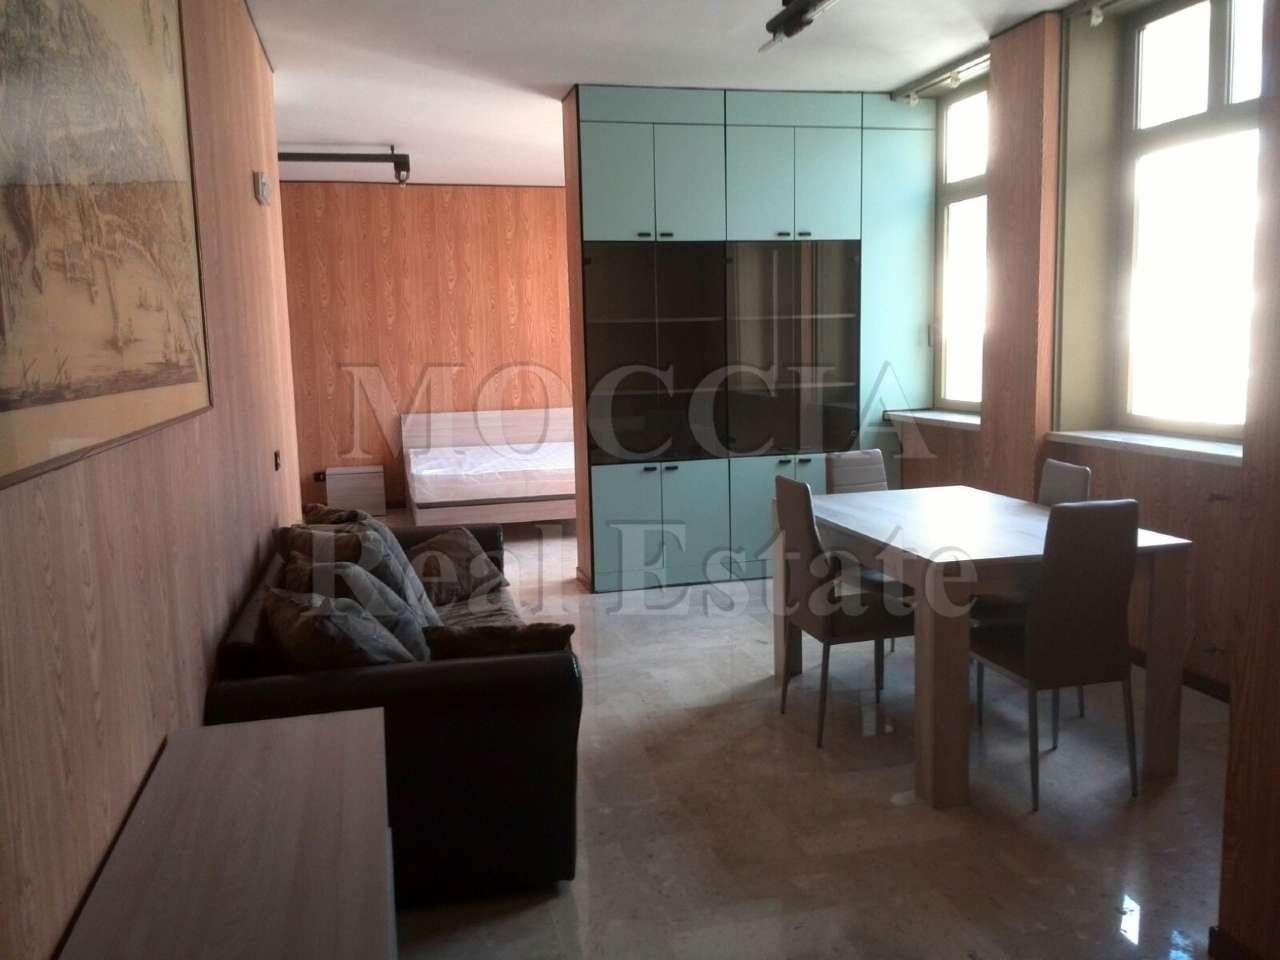 Affitto appartamento a caserta zona moccia bilocale for Affitto caserta arredato